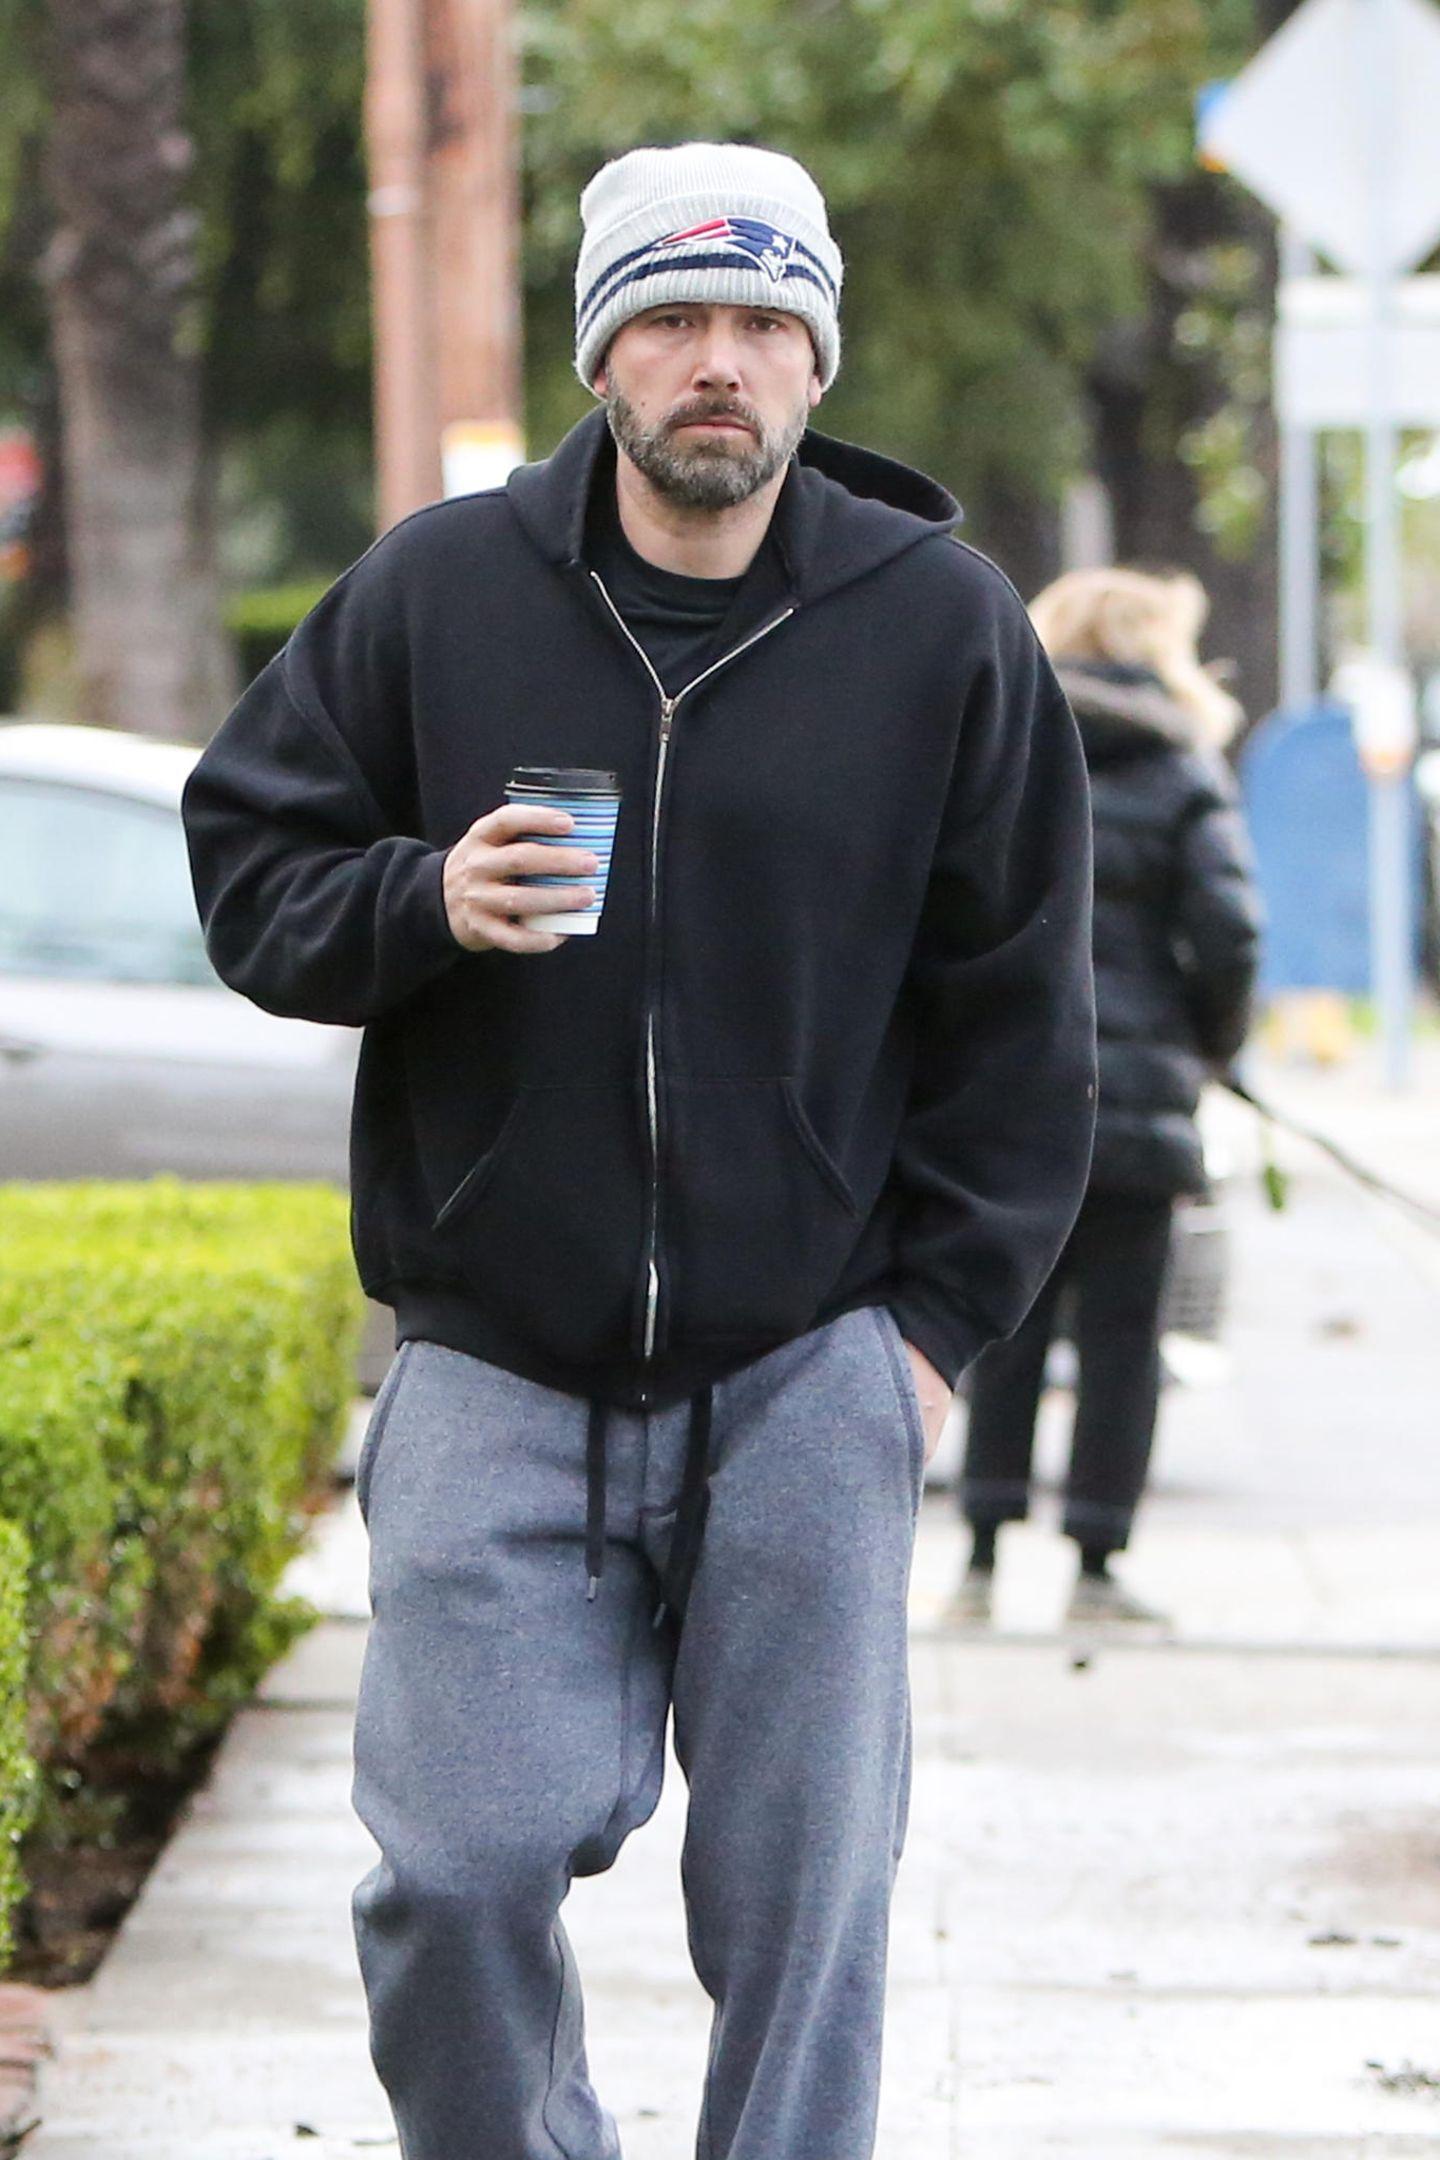 4. Februar 2019   Inultimativem Schlabberlook: Oscarpreisträger Ben Affleck wird bei einem Spaziergang in Los Angeles gesichtet.